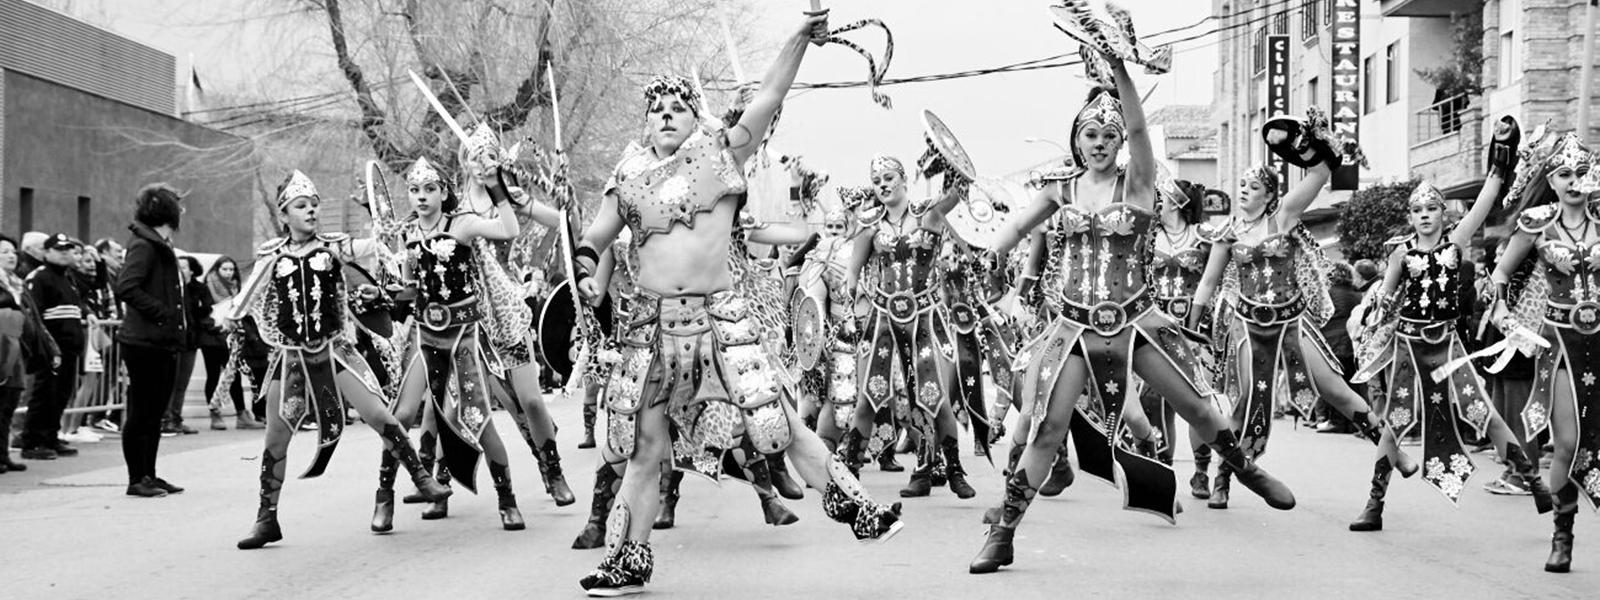 carnaval-miguelturra-penas